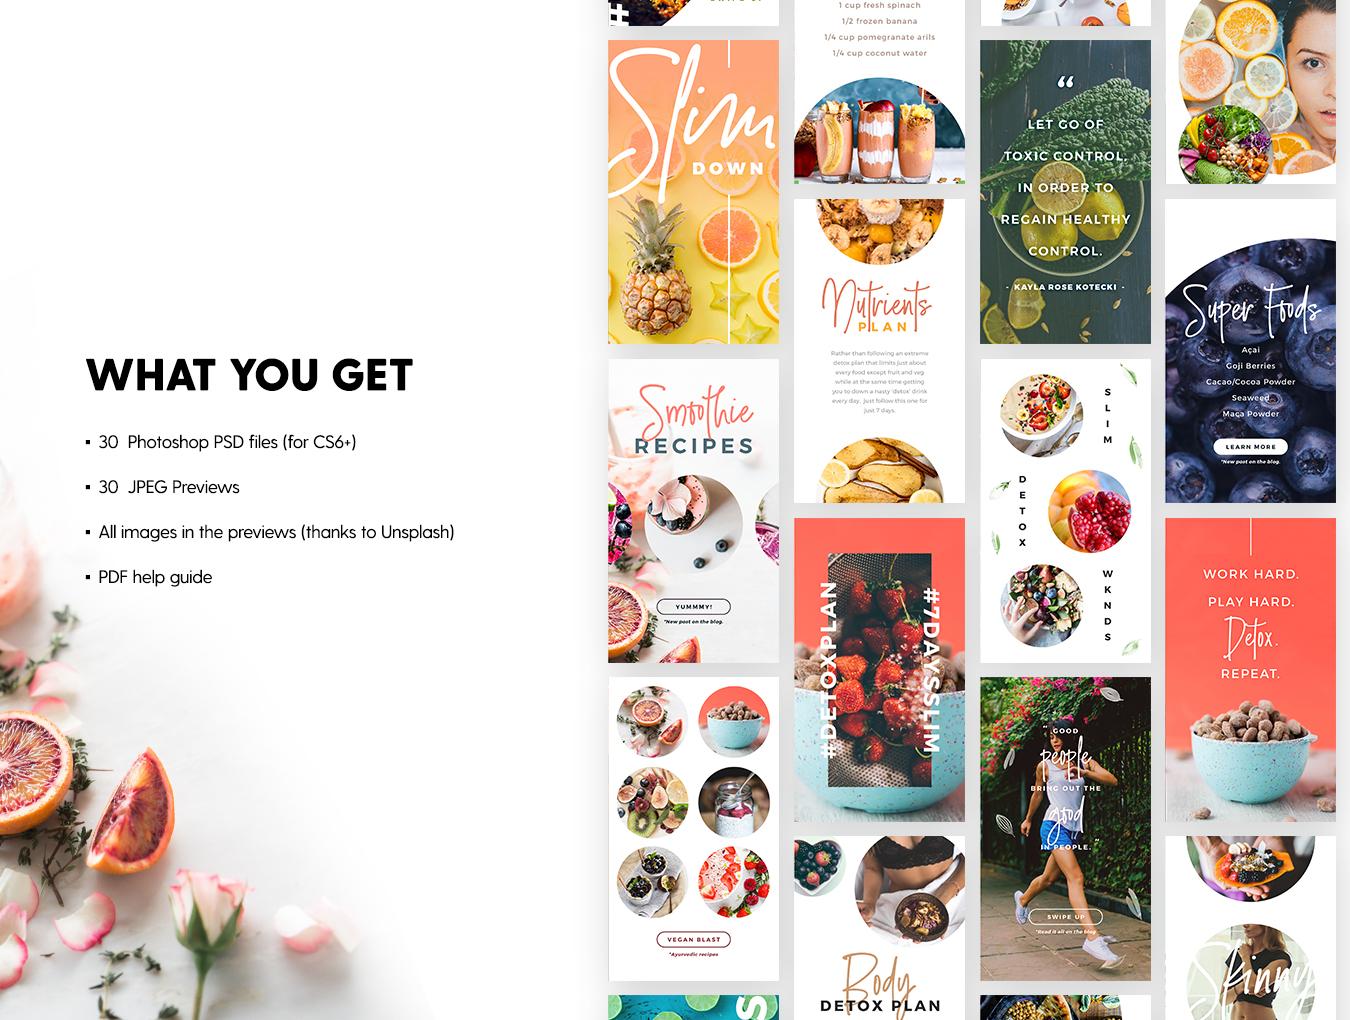 营养美食健身运动博主Instagram社交设计素材包 Detox Week Insta Stories插图(1)